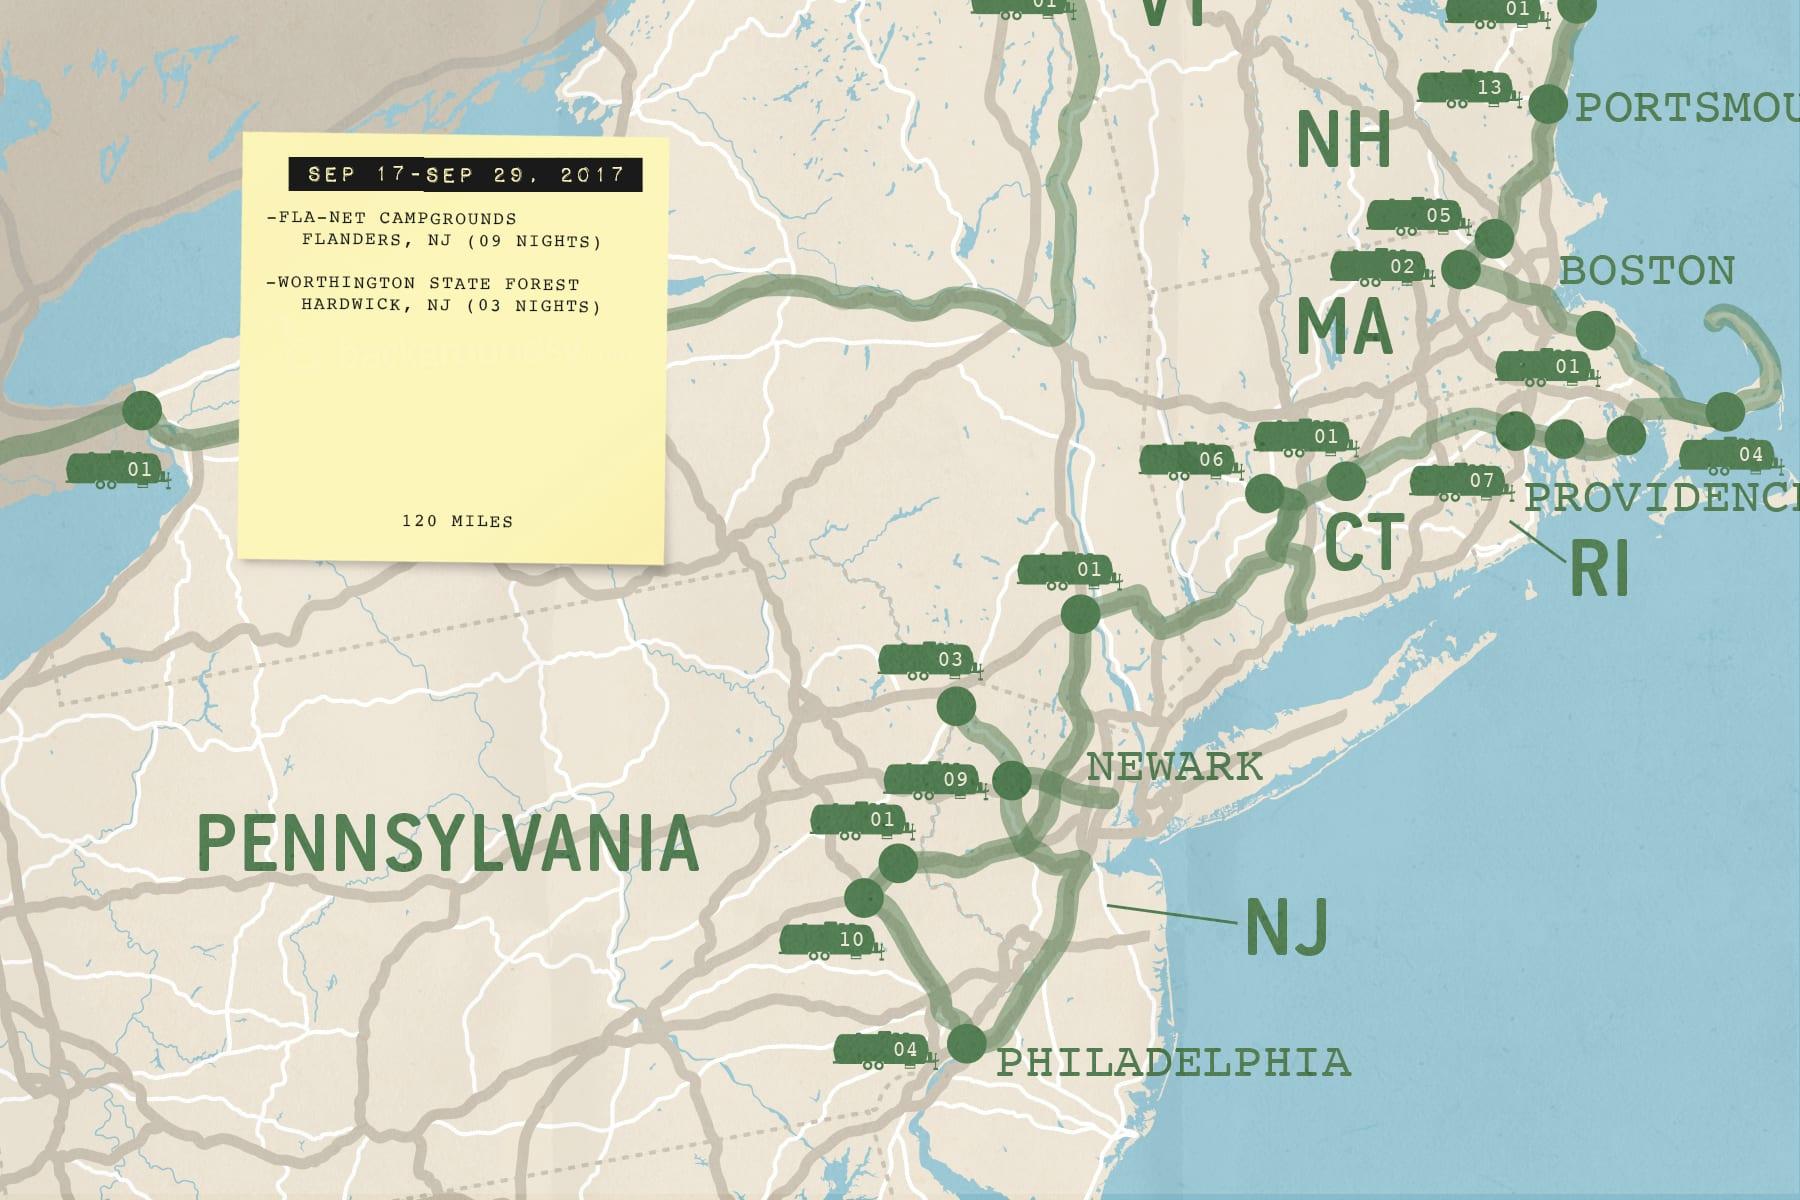 ourjourney-route09-NJ.jpg